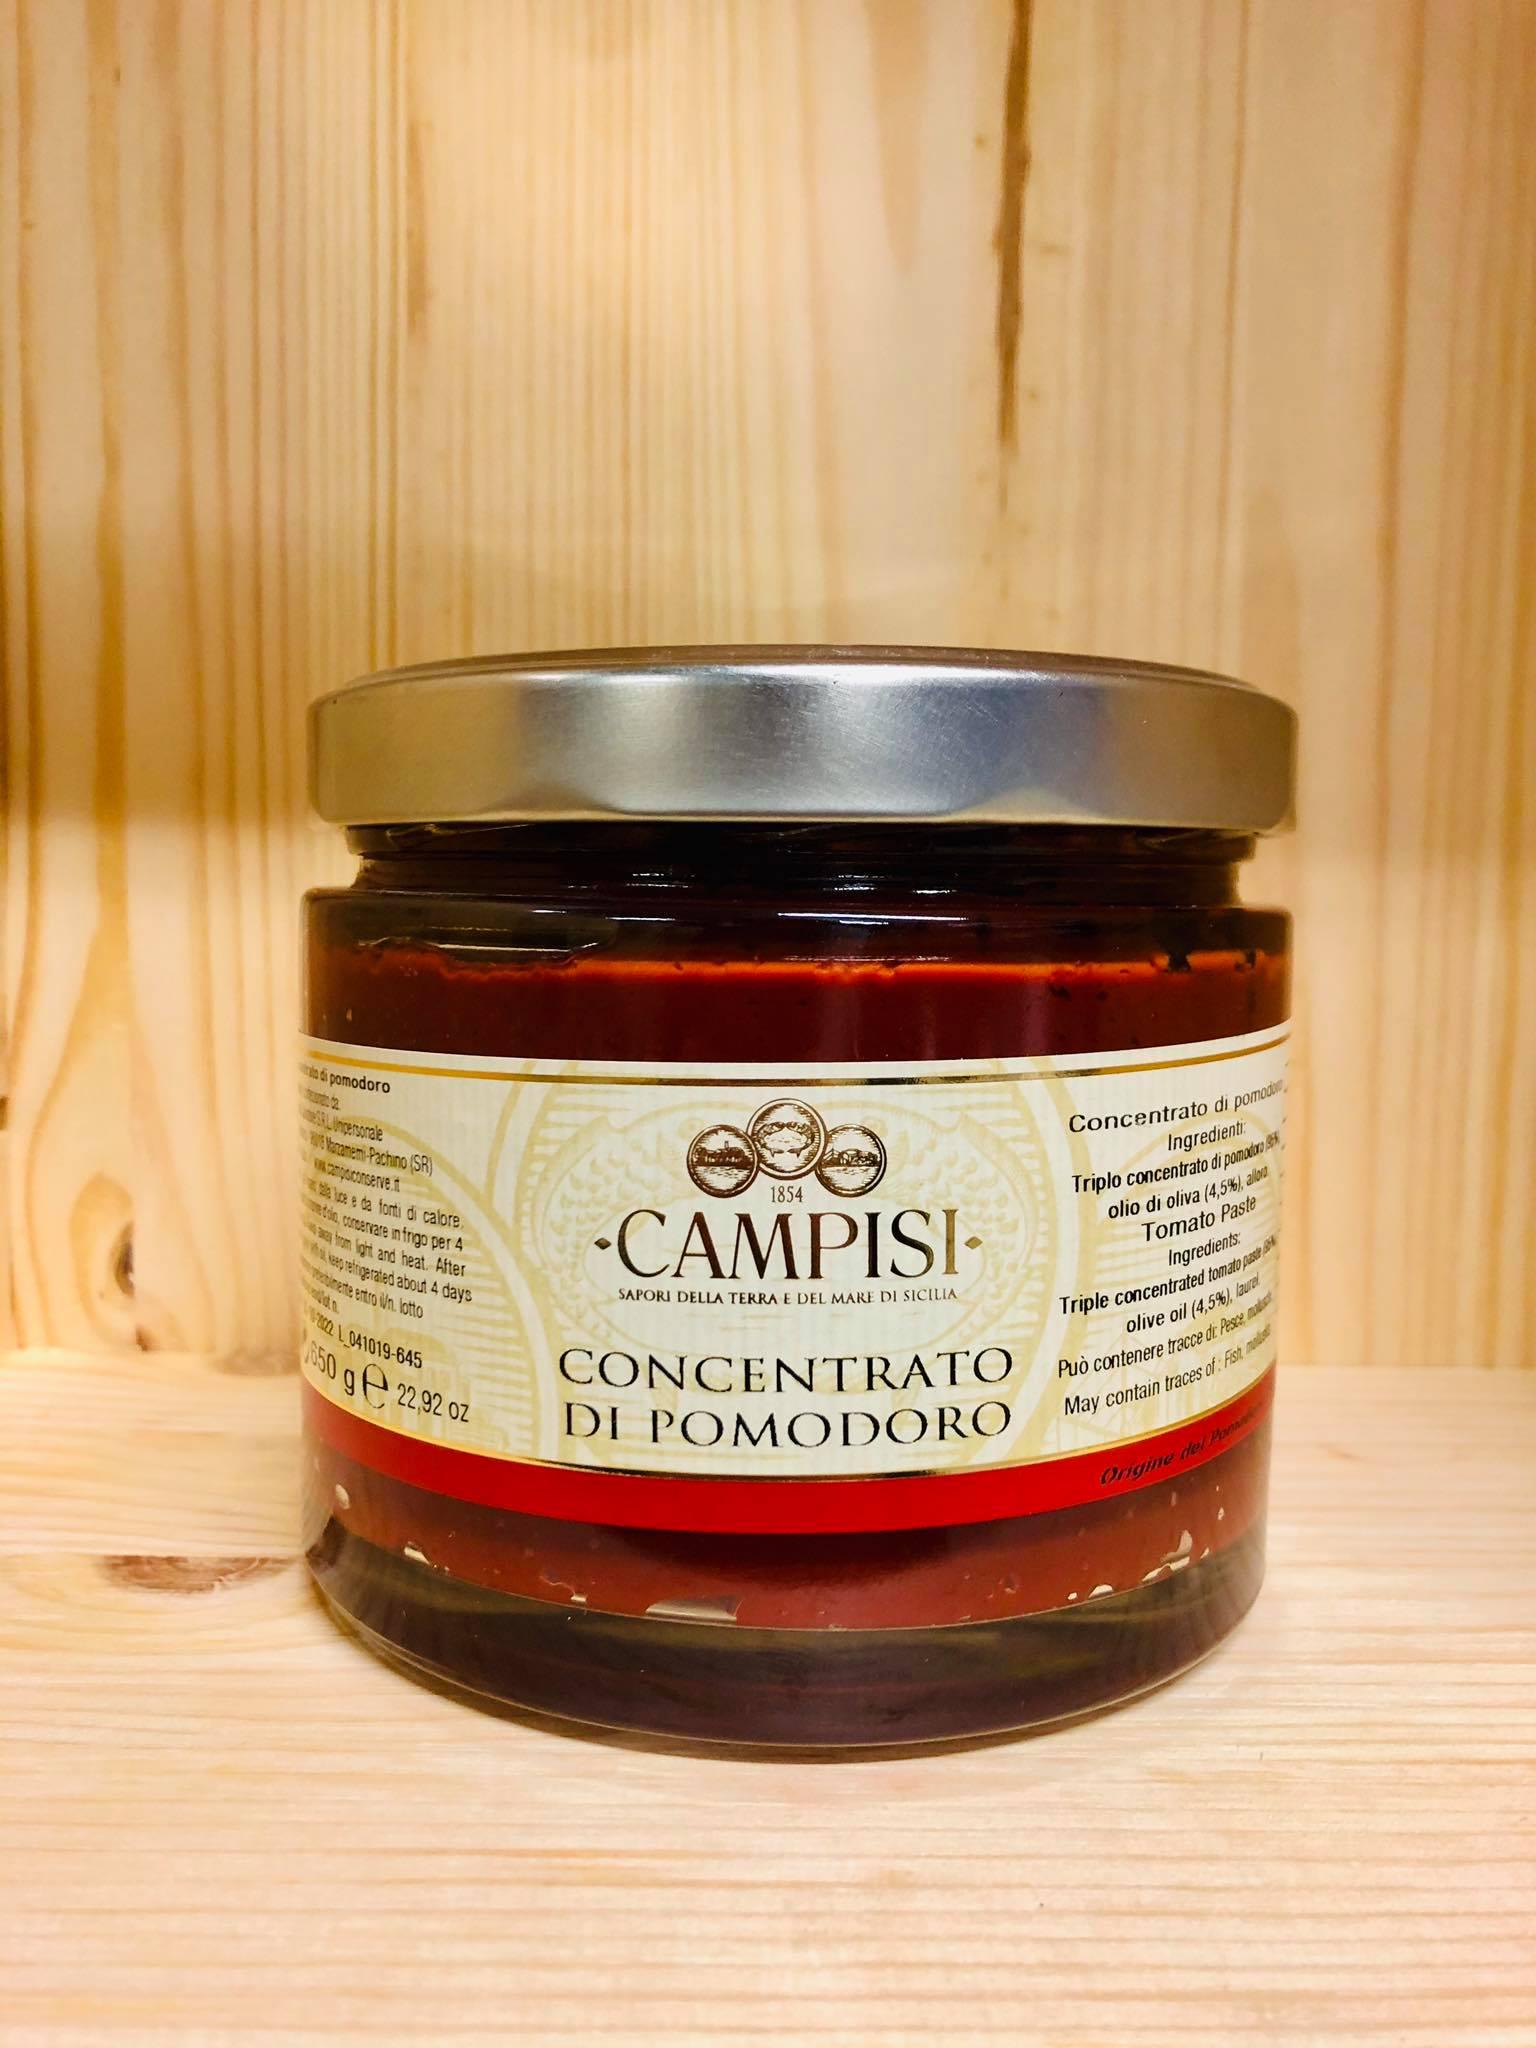 Concentrado de tomate cherry de Pachino - Campisi